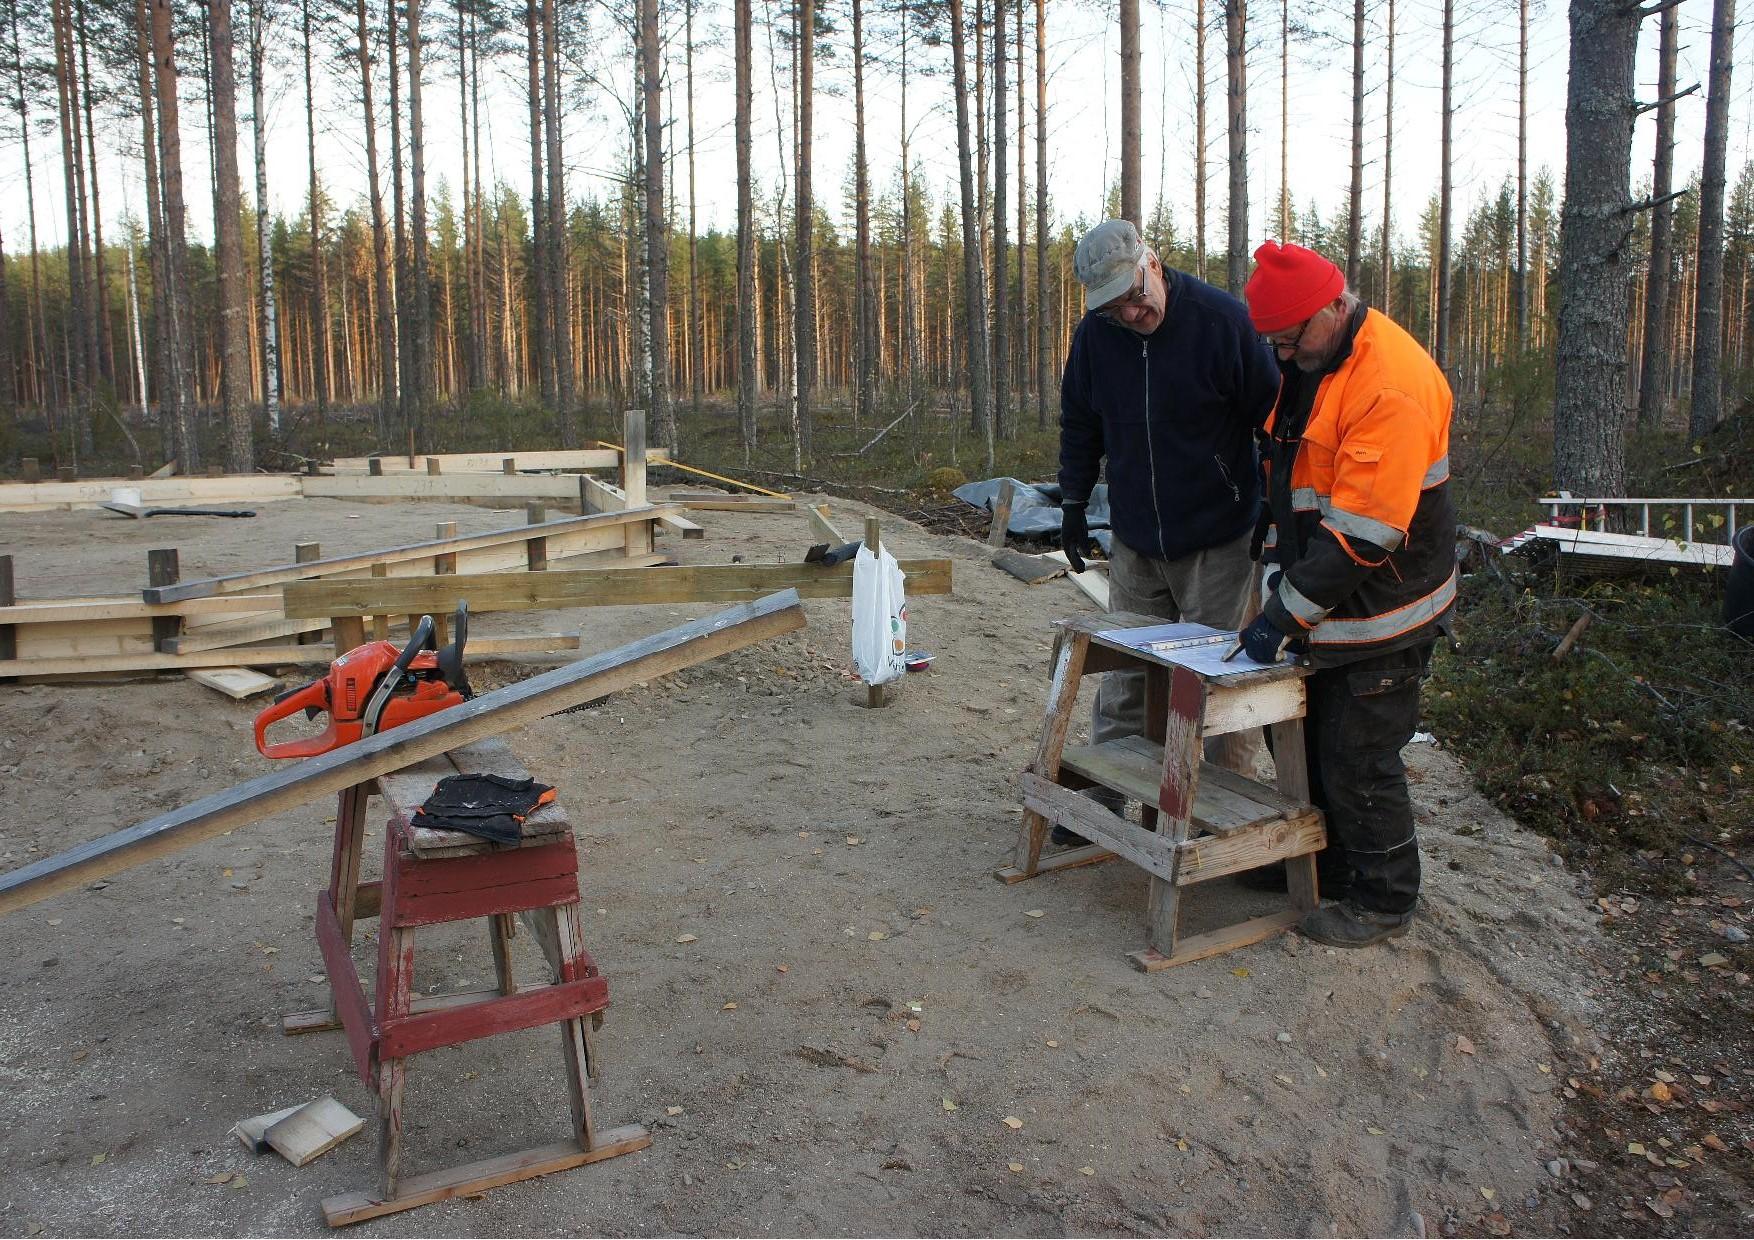 Yhdistyksen varapuheenjohtaja Lasse Nirhamo ja vastaava työnjohtaja Matti Kilpeläinen tutkivat kodan rakennuspiirustuksia 16.10.2014.